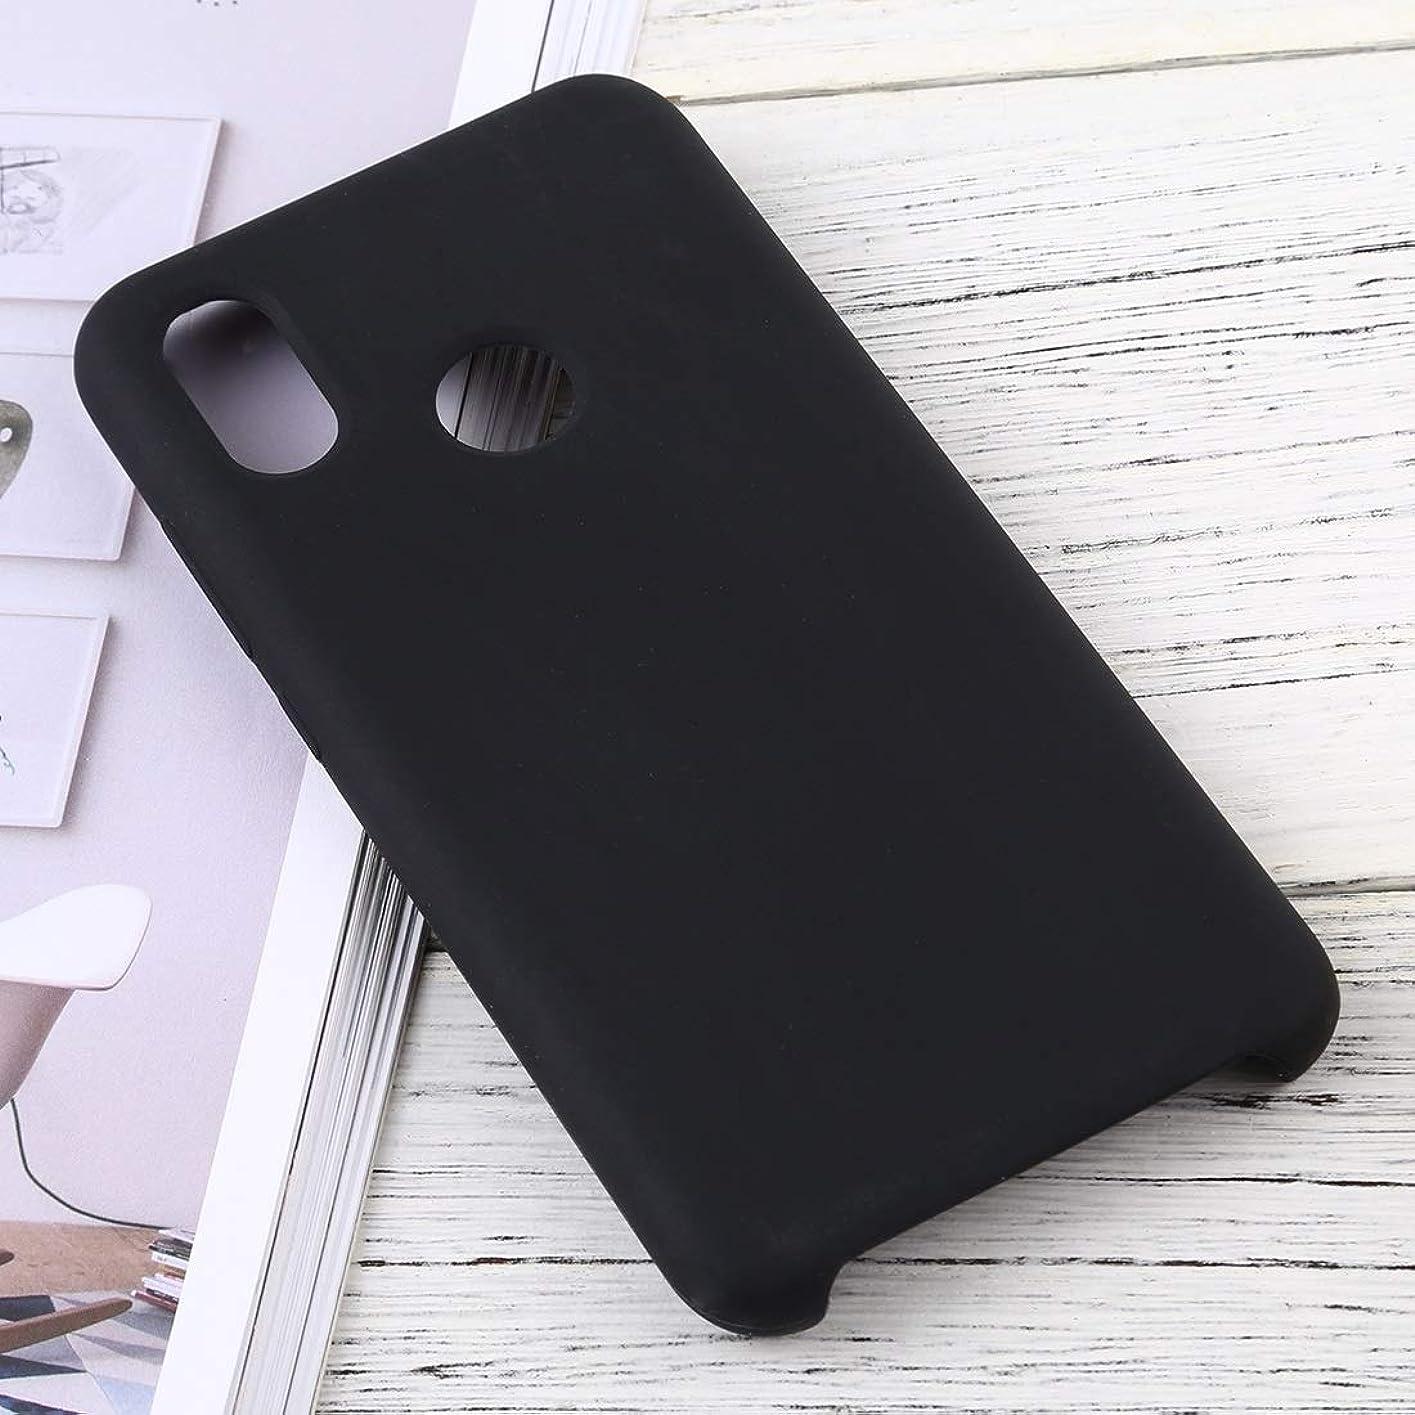 アウター再現する経済小米科技ミ8ソリッドカラー液状シリコーンDropproof保護ケースのための携帯電話ケース brand:TONWIN (Color : Black)